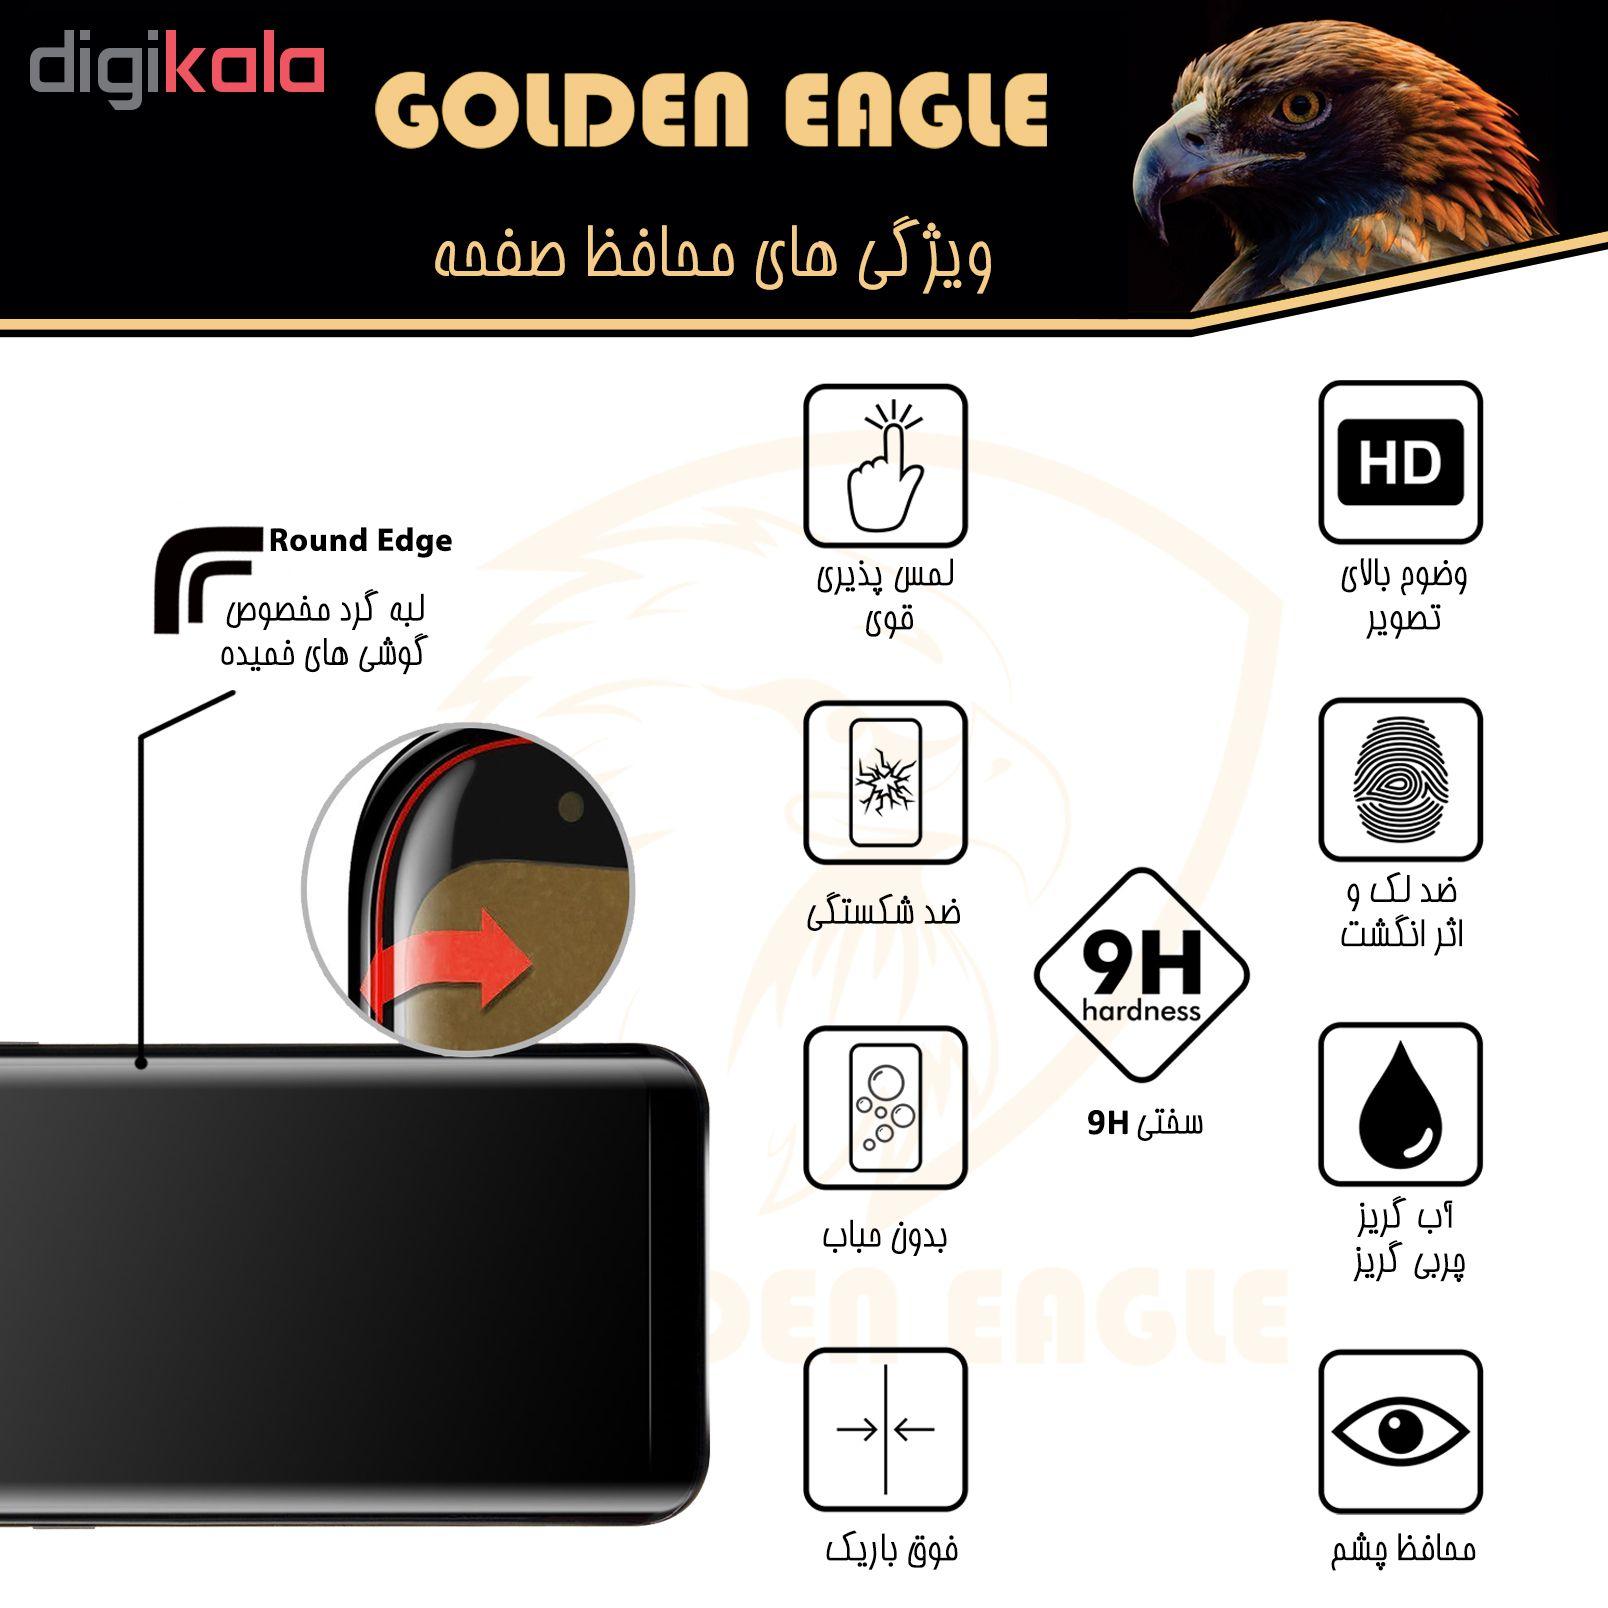 محافظ صفحه نمایش گلدن ایگل مدل DFC-X3 مناسب برای گوشی موبایل سامسونگ Galaxy S9 Plus بسته سه عددی main 1 3